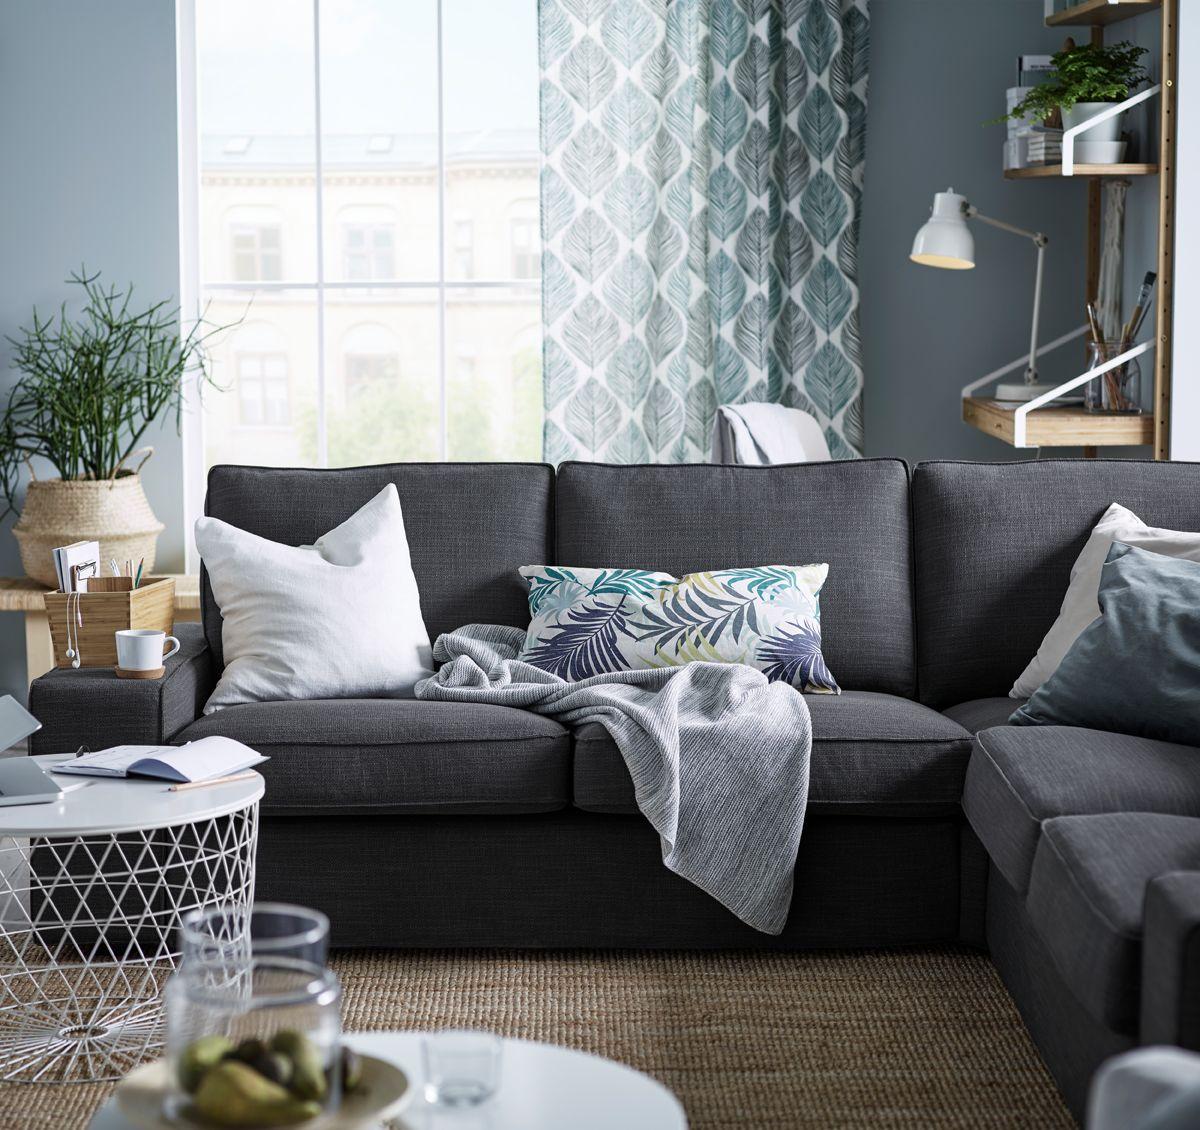 avec leurs coussins d 39 assise garnis de mousse m moire de forme et leurs accoudoirs extra. Black Bedroom Furniture Sets. Home Design Ideas